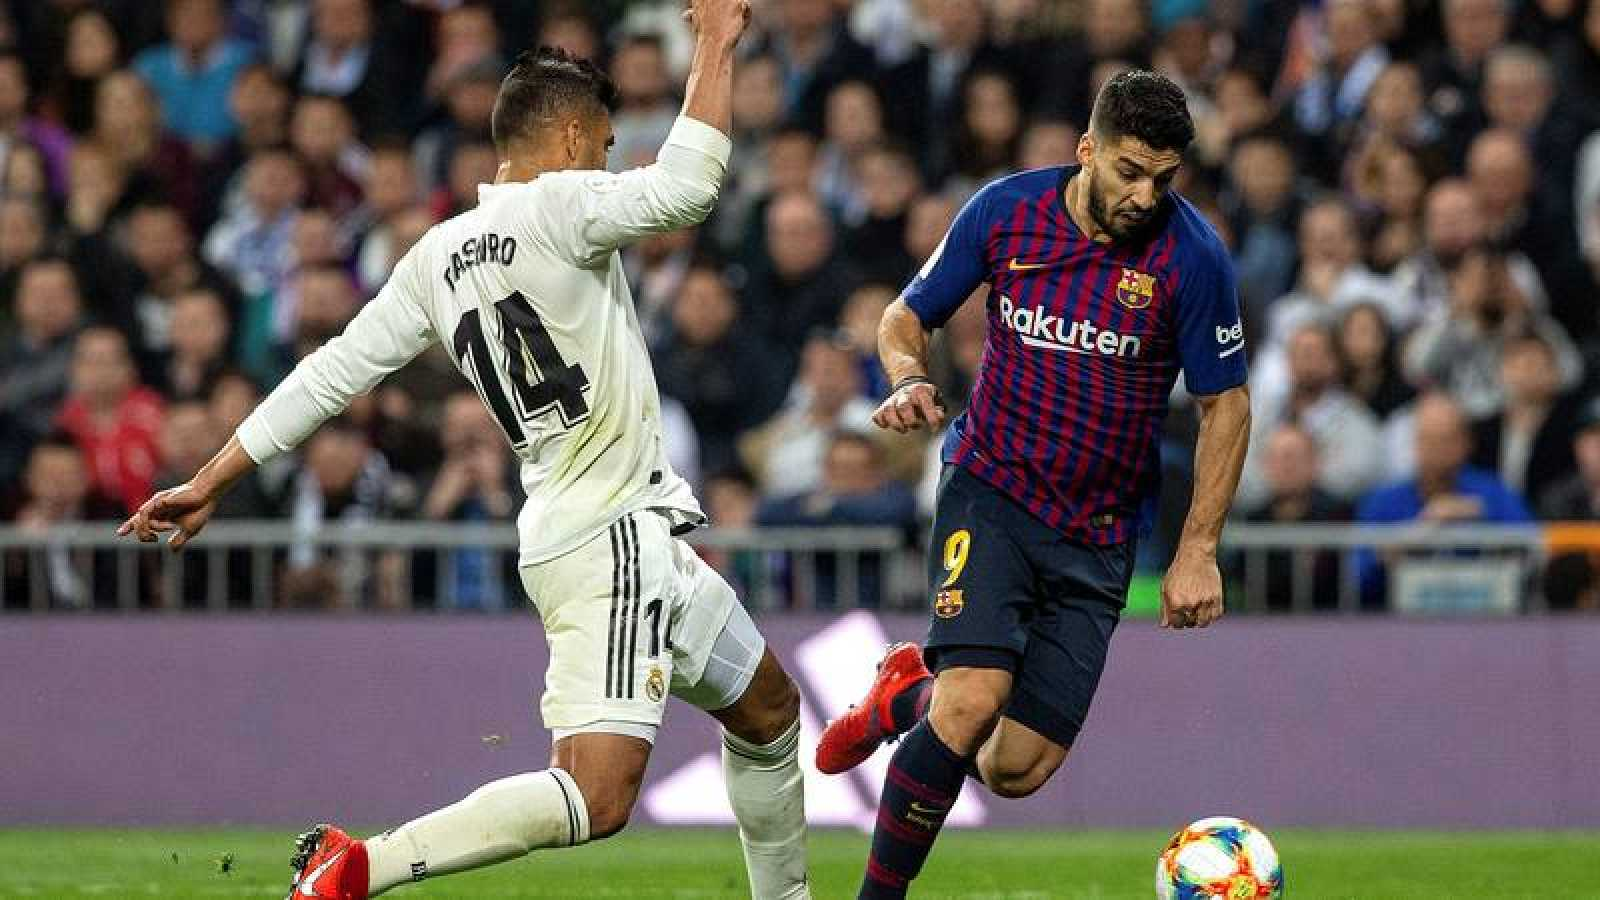 buena calidad verdadero negocio Precio 50% En Directo | Madrid - Barça minuto a minuto - RTVE.es